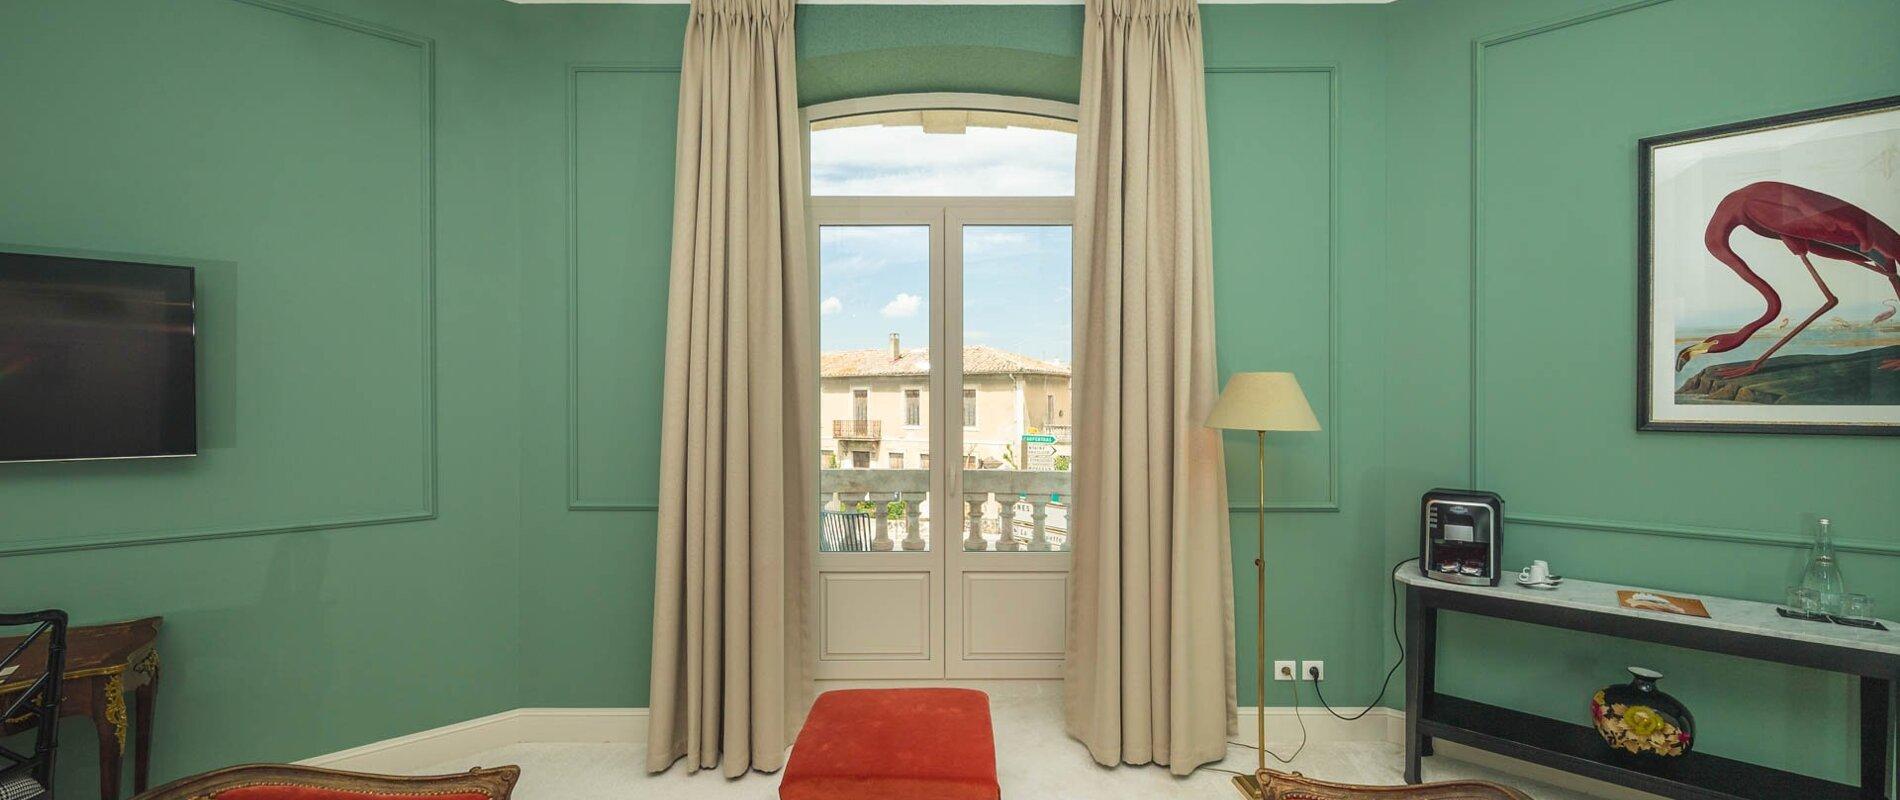 Quel Produit Pour Nettoyer Le Pvc entretien et nettoyage des fenêtres en pvc : nos conseils